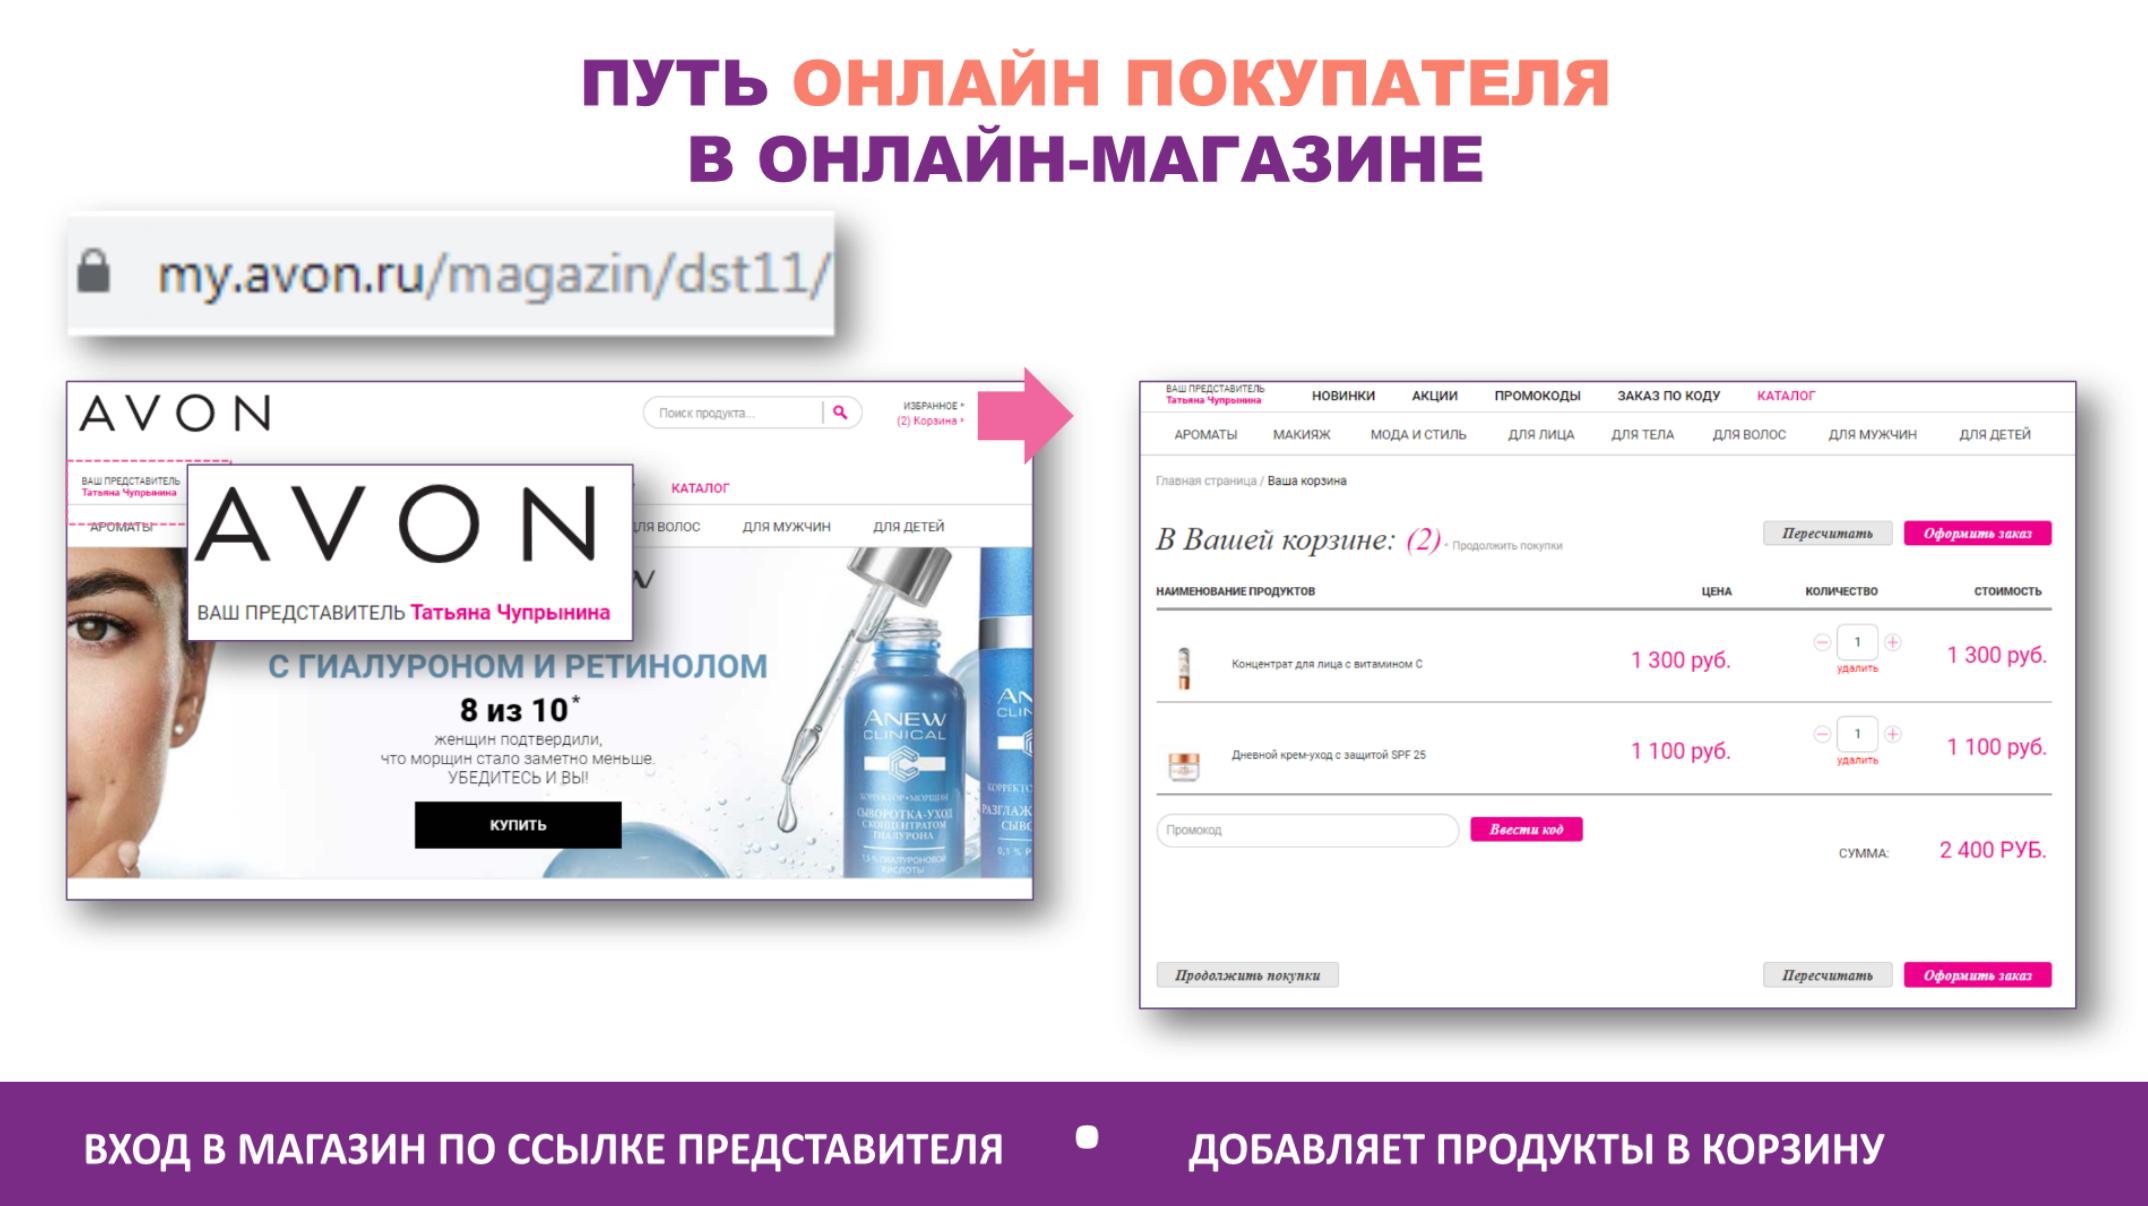 Онлайн магазин эйвон стеллажи косметика где купить